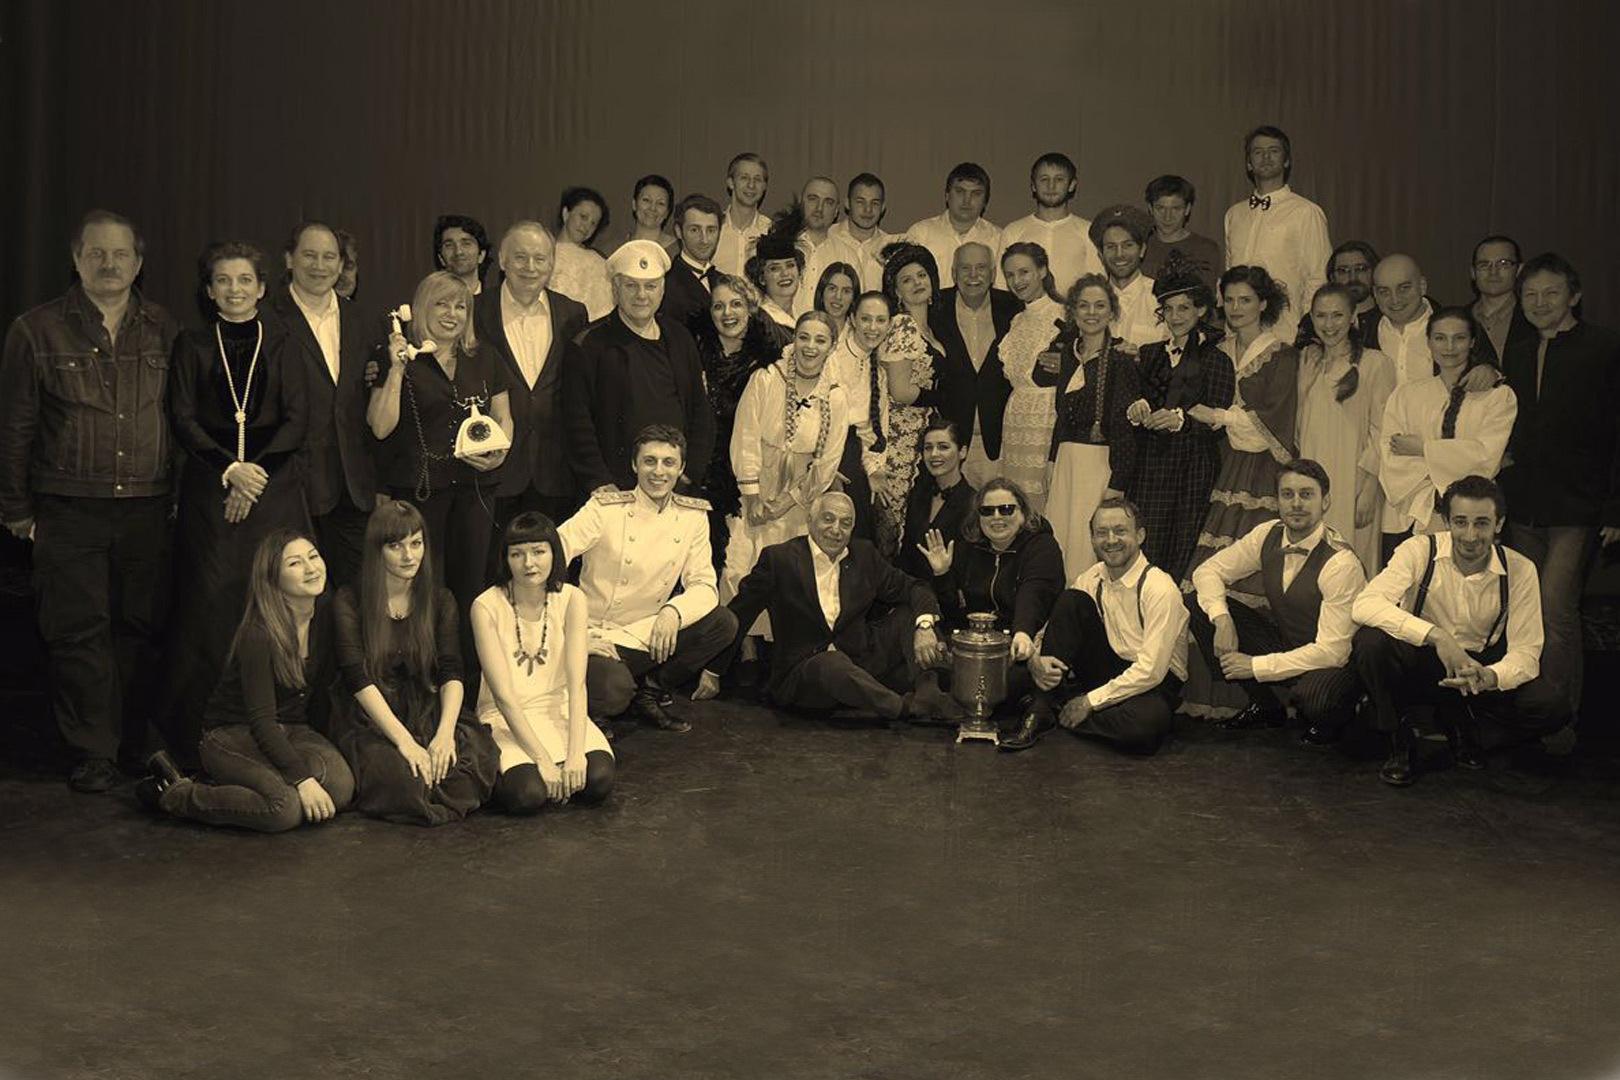 1-За год обучения студенты актерской мастерской под руководством Никиты Михалкова и с помощью режиссеров придумали и поставили спектакль «Метаморфозы».